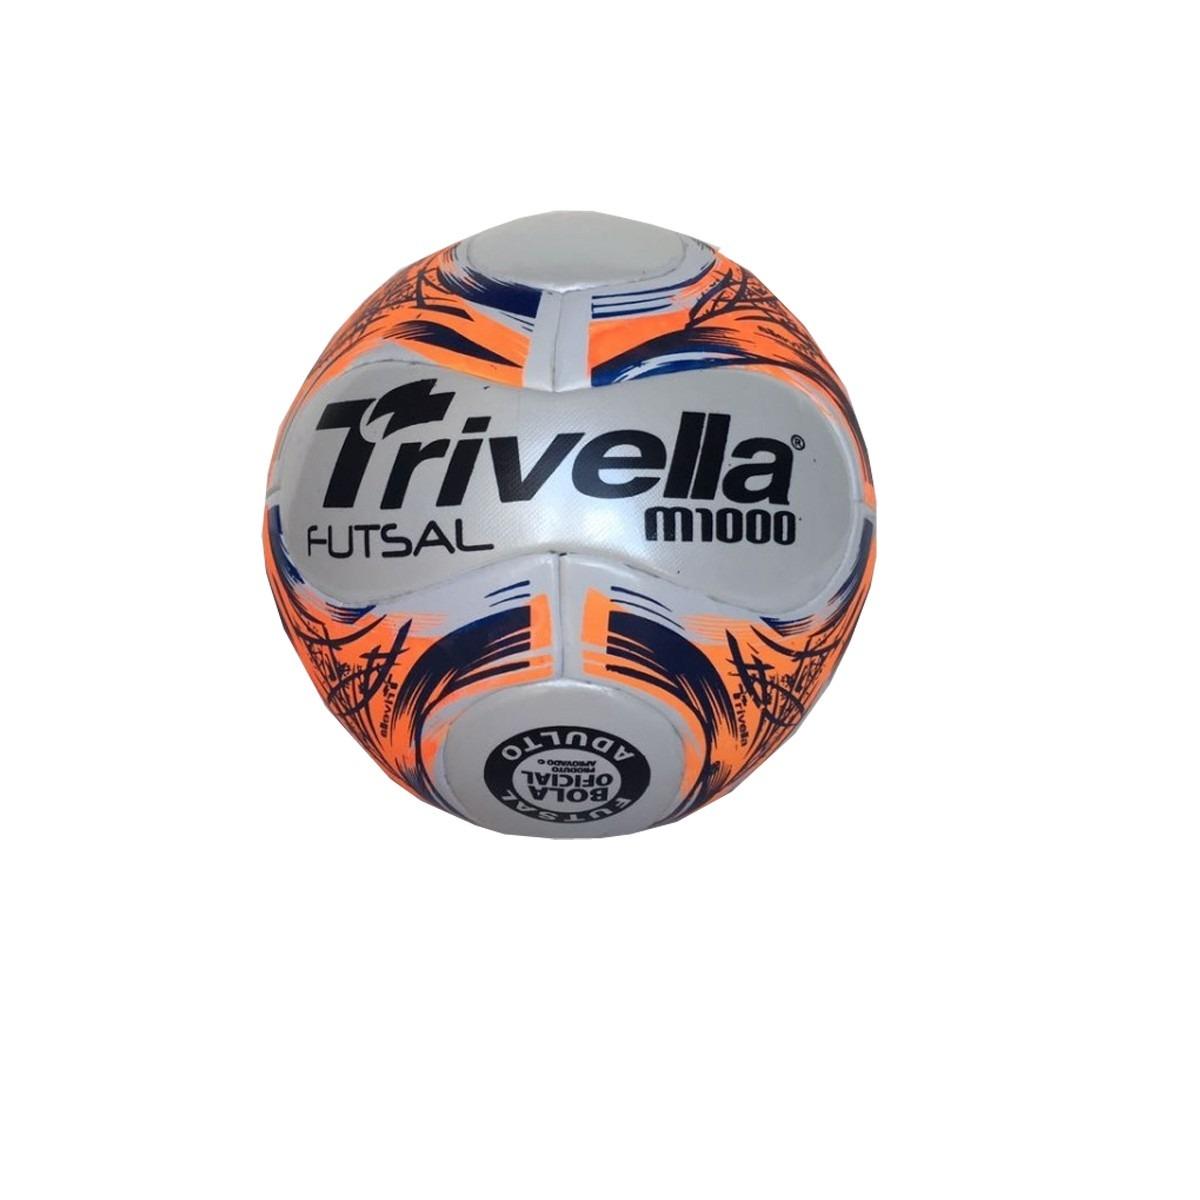 250d7c5d2b ... salão quadra- m500-trivella-promoção. Carregando zoom... bola futsal  futebol. Carregando zoom.